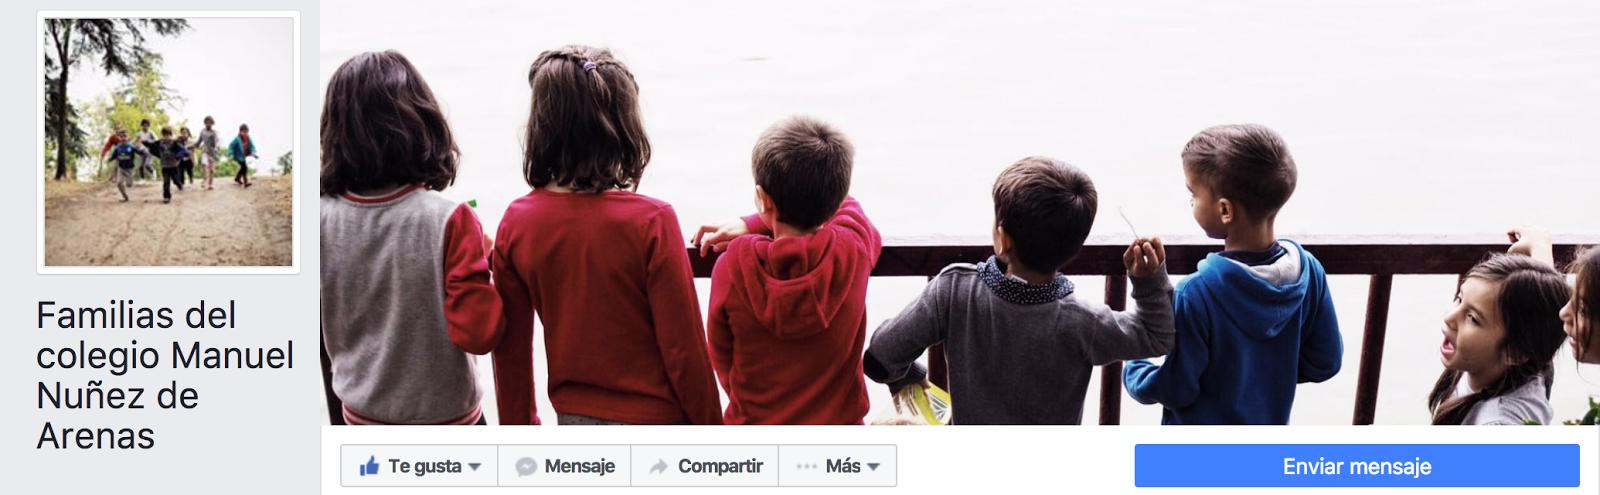 facebook de familias